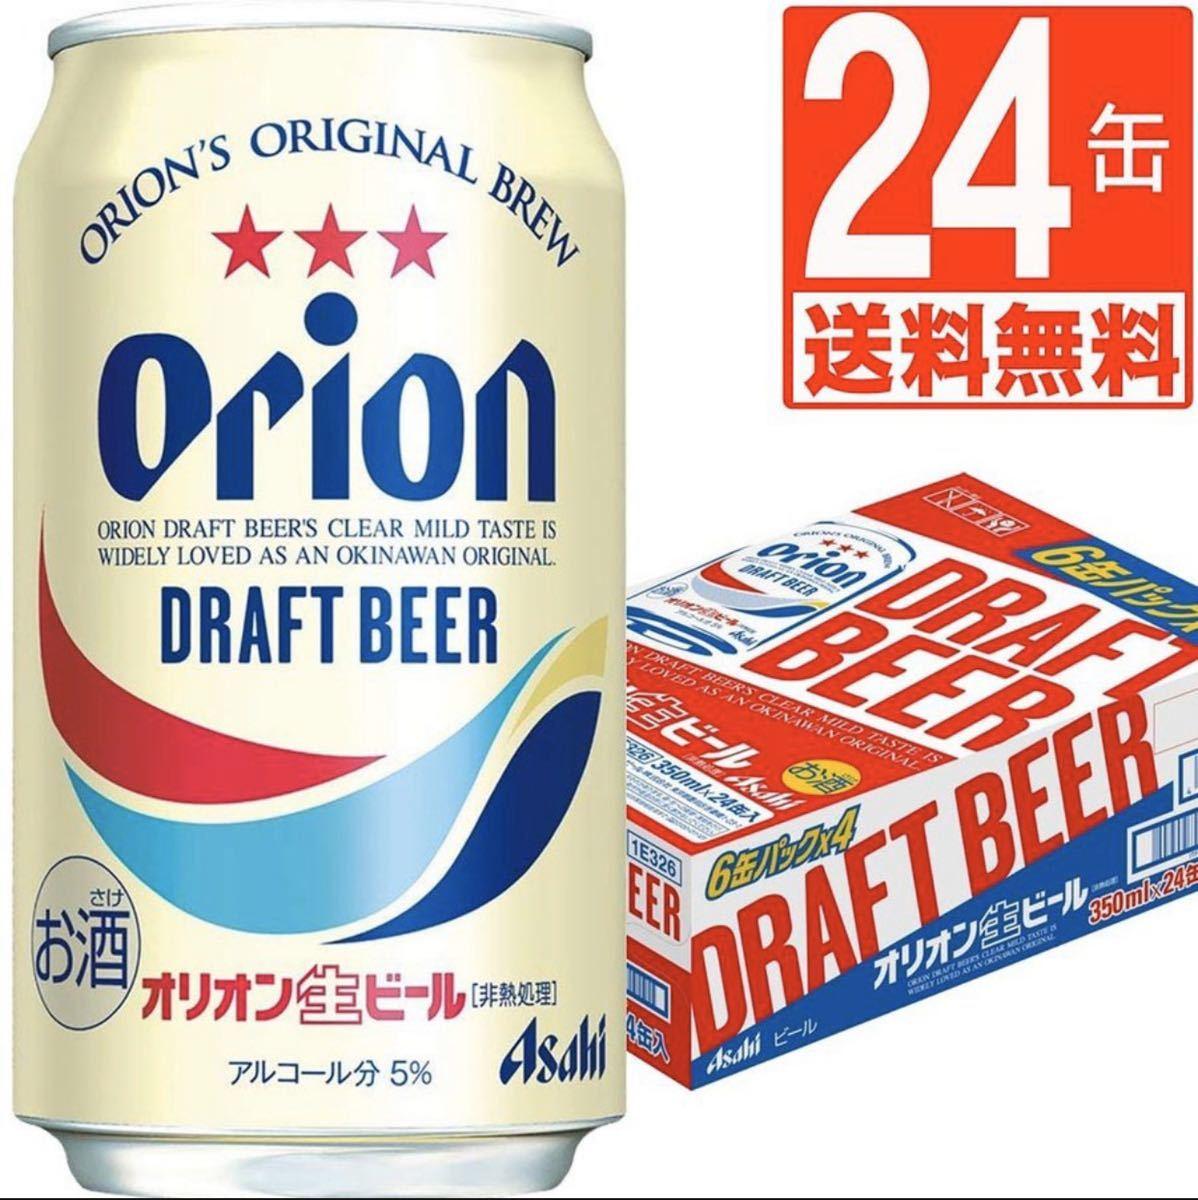 オリオンビール オリオンドラフト350ml×24缶  送料無料  生ビール 一番人気 沖縄_画像1